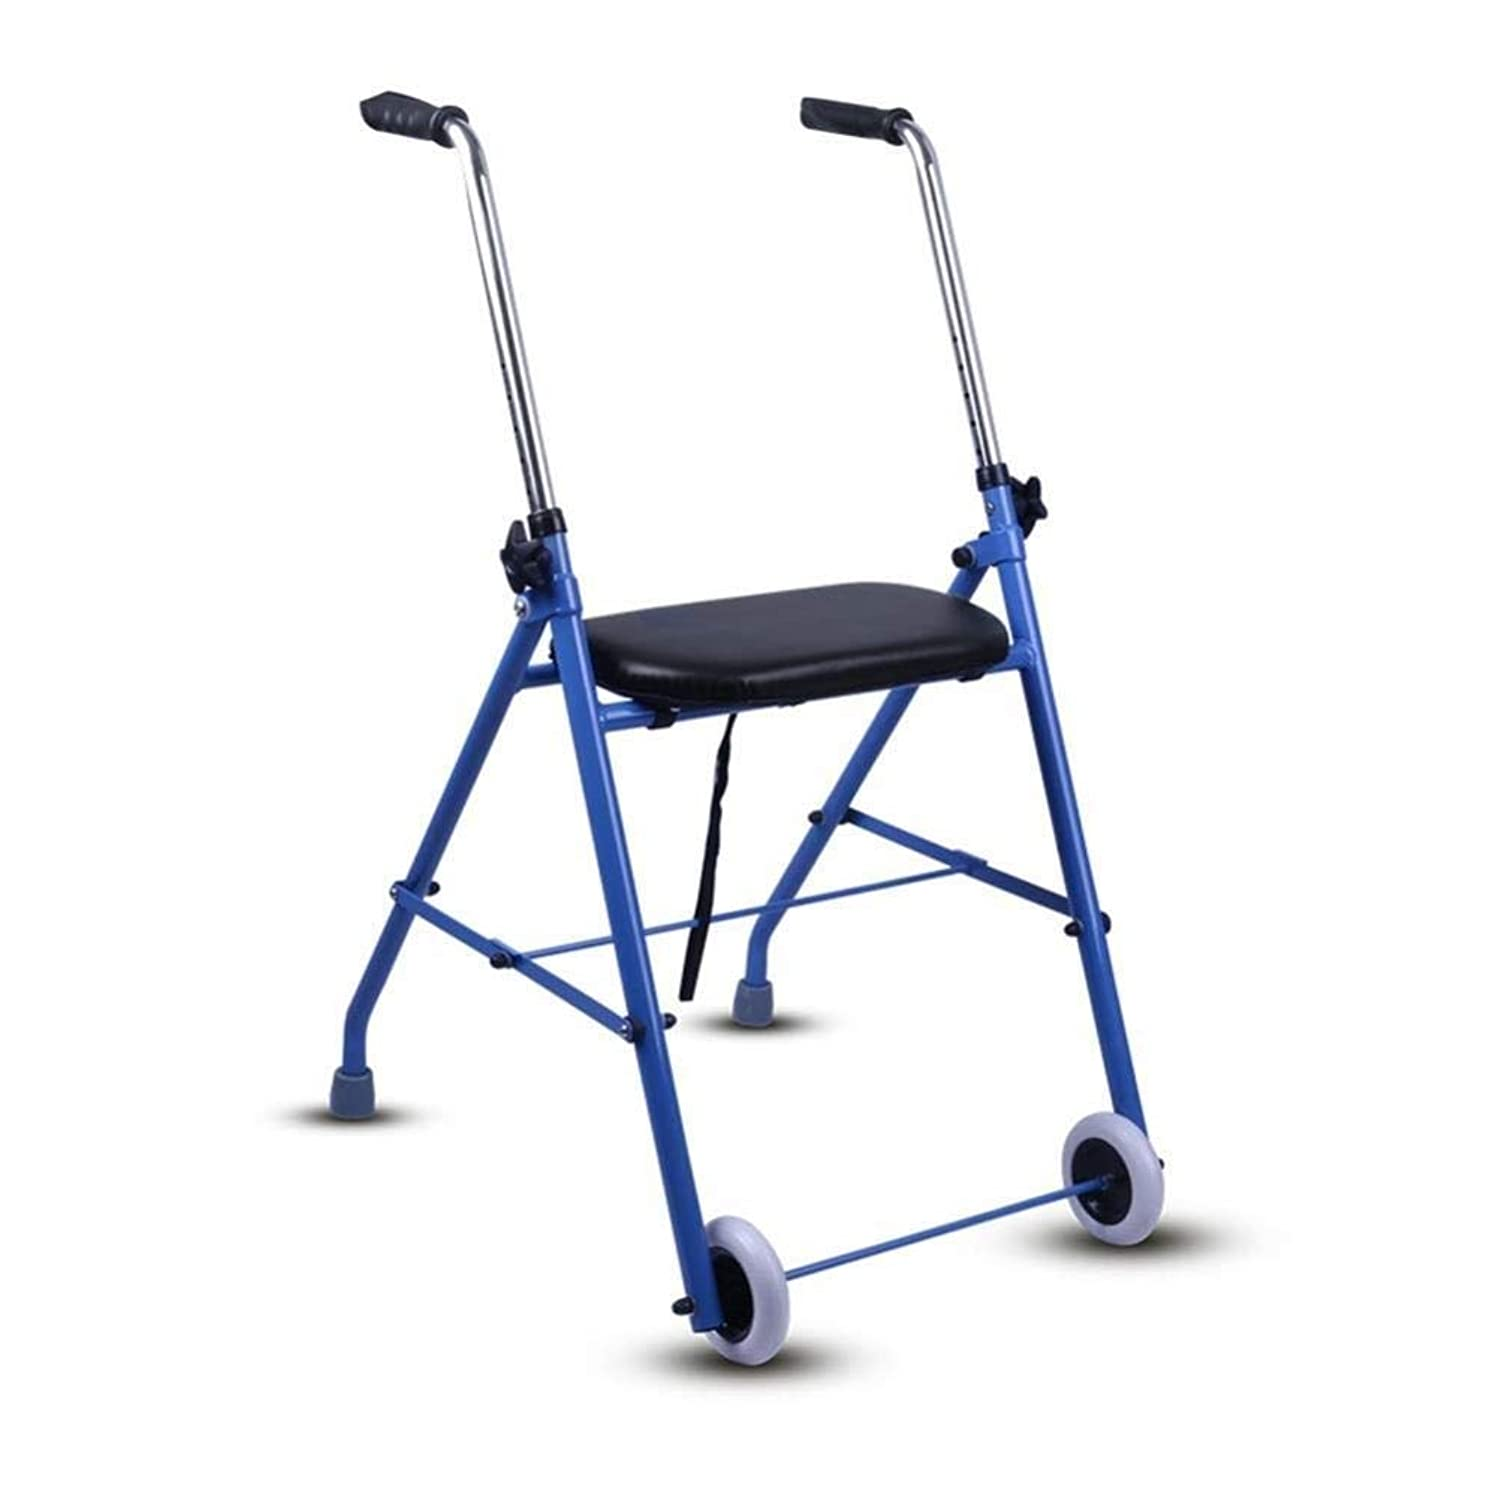 嘆願防衛フロー調節可能な折り畳み式2ホイールローラー歩行器、パッド入りシート、人間工学に基づいたハンドル